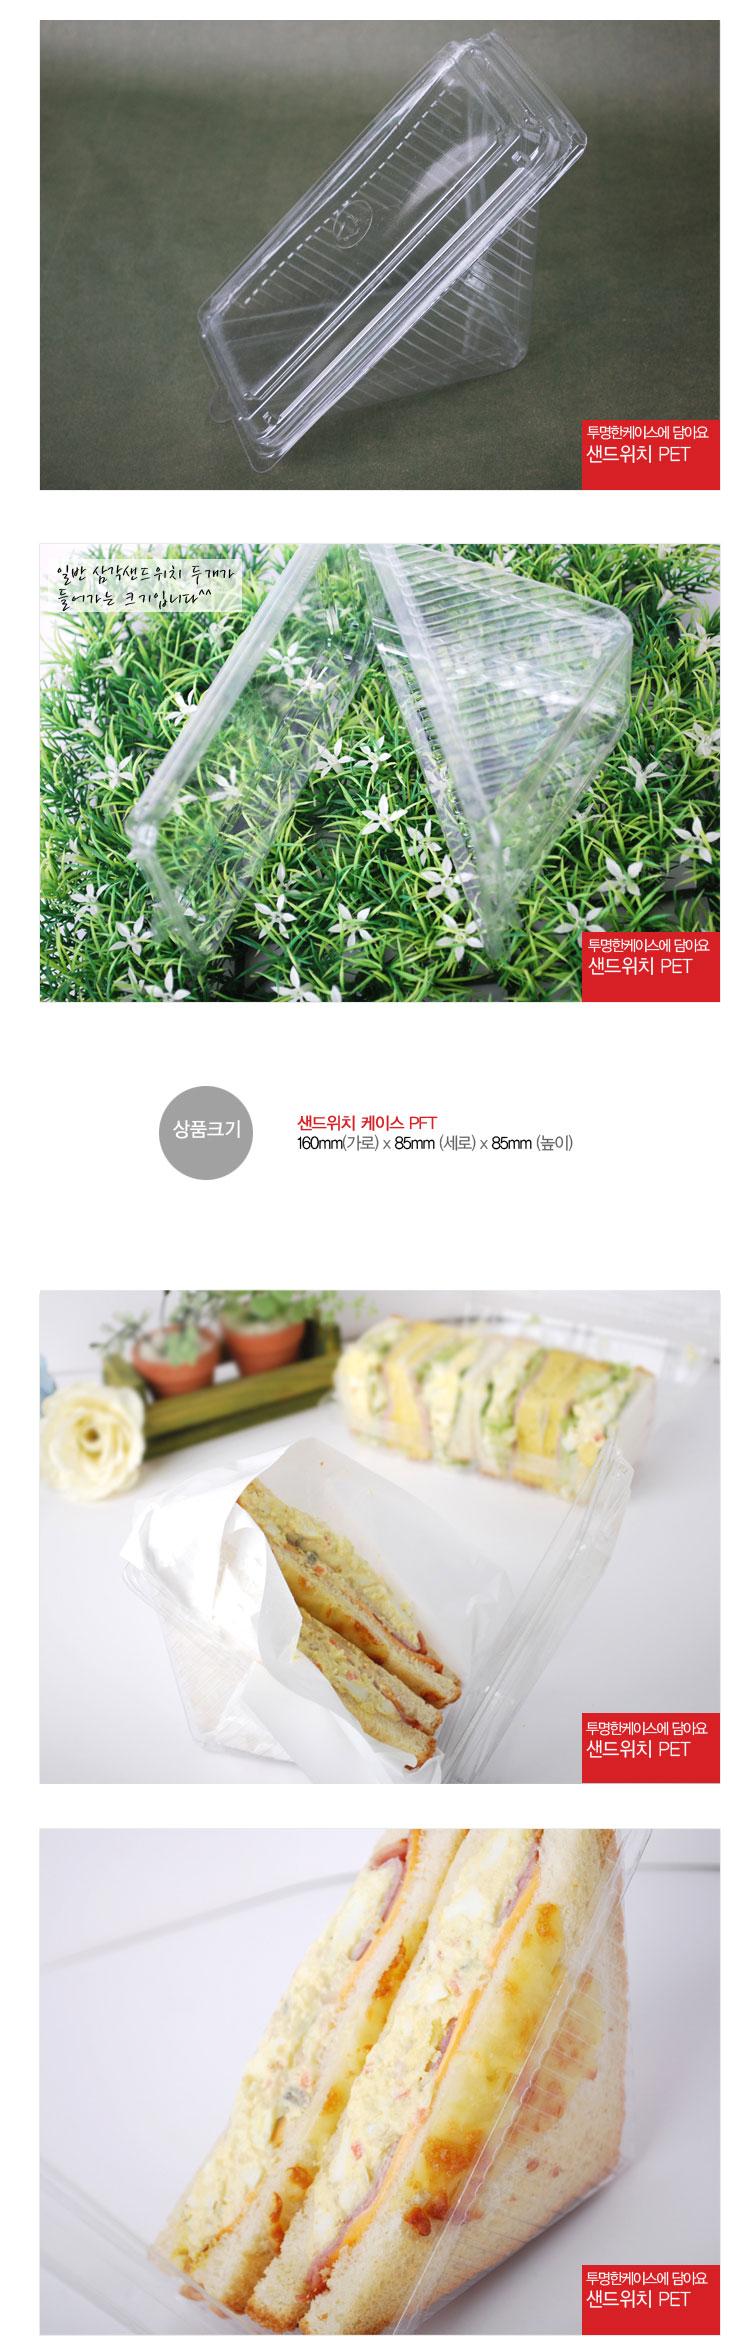 샌드위치 케이스 pet x5개 - 이홈베이킹, 1,000원, 피크닉도시락/식기, 피크닉도시락통